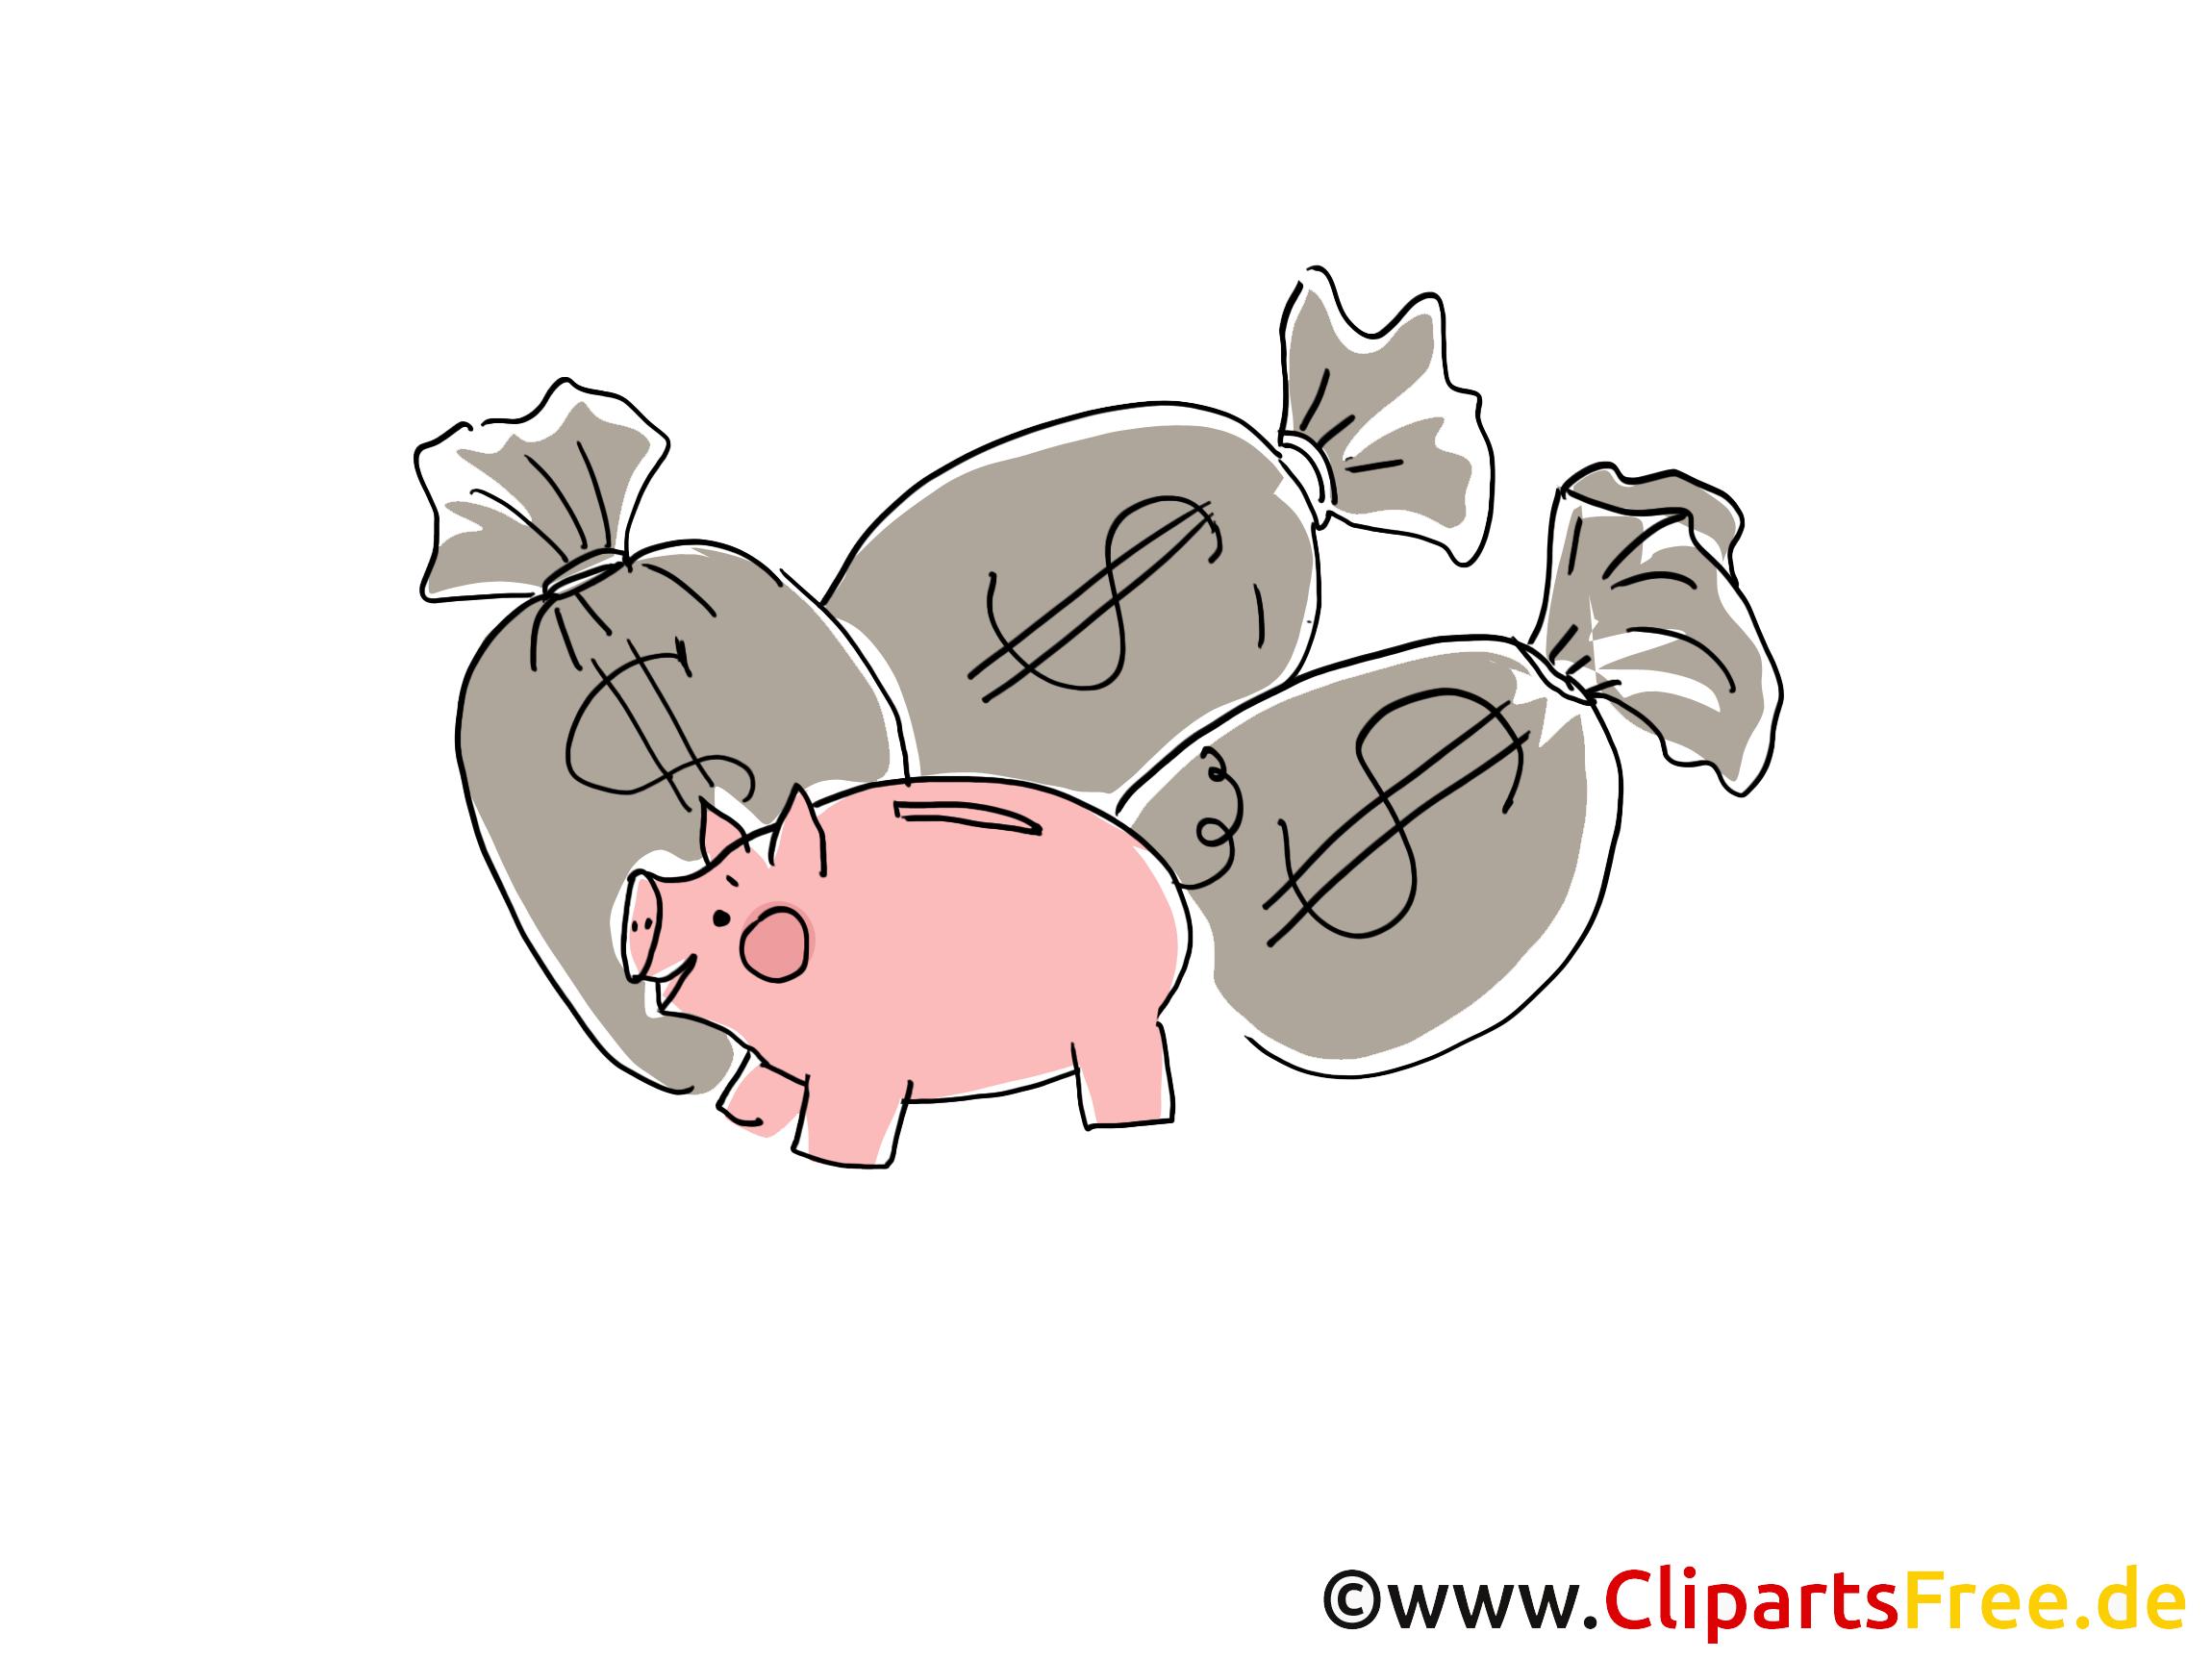 Argent images gratuites – Finances clipart